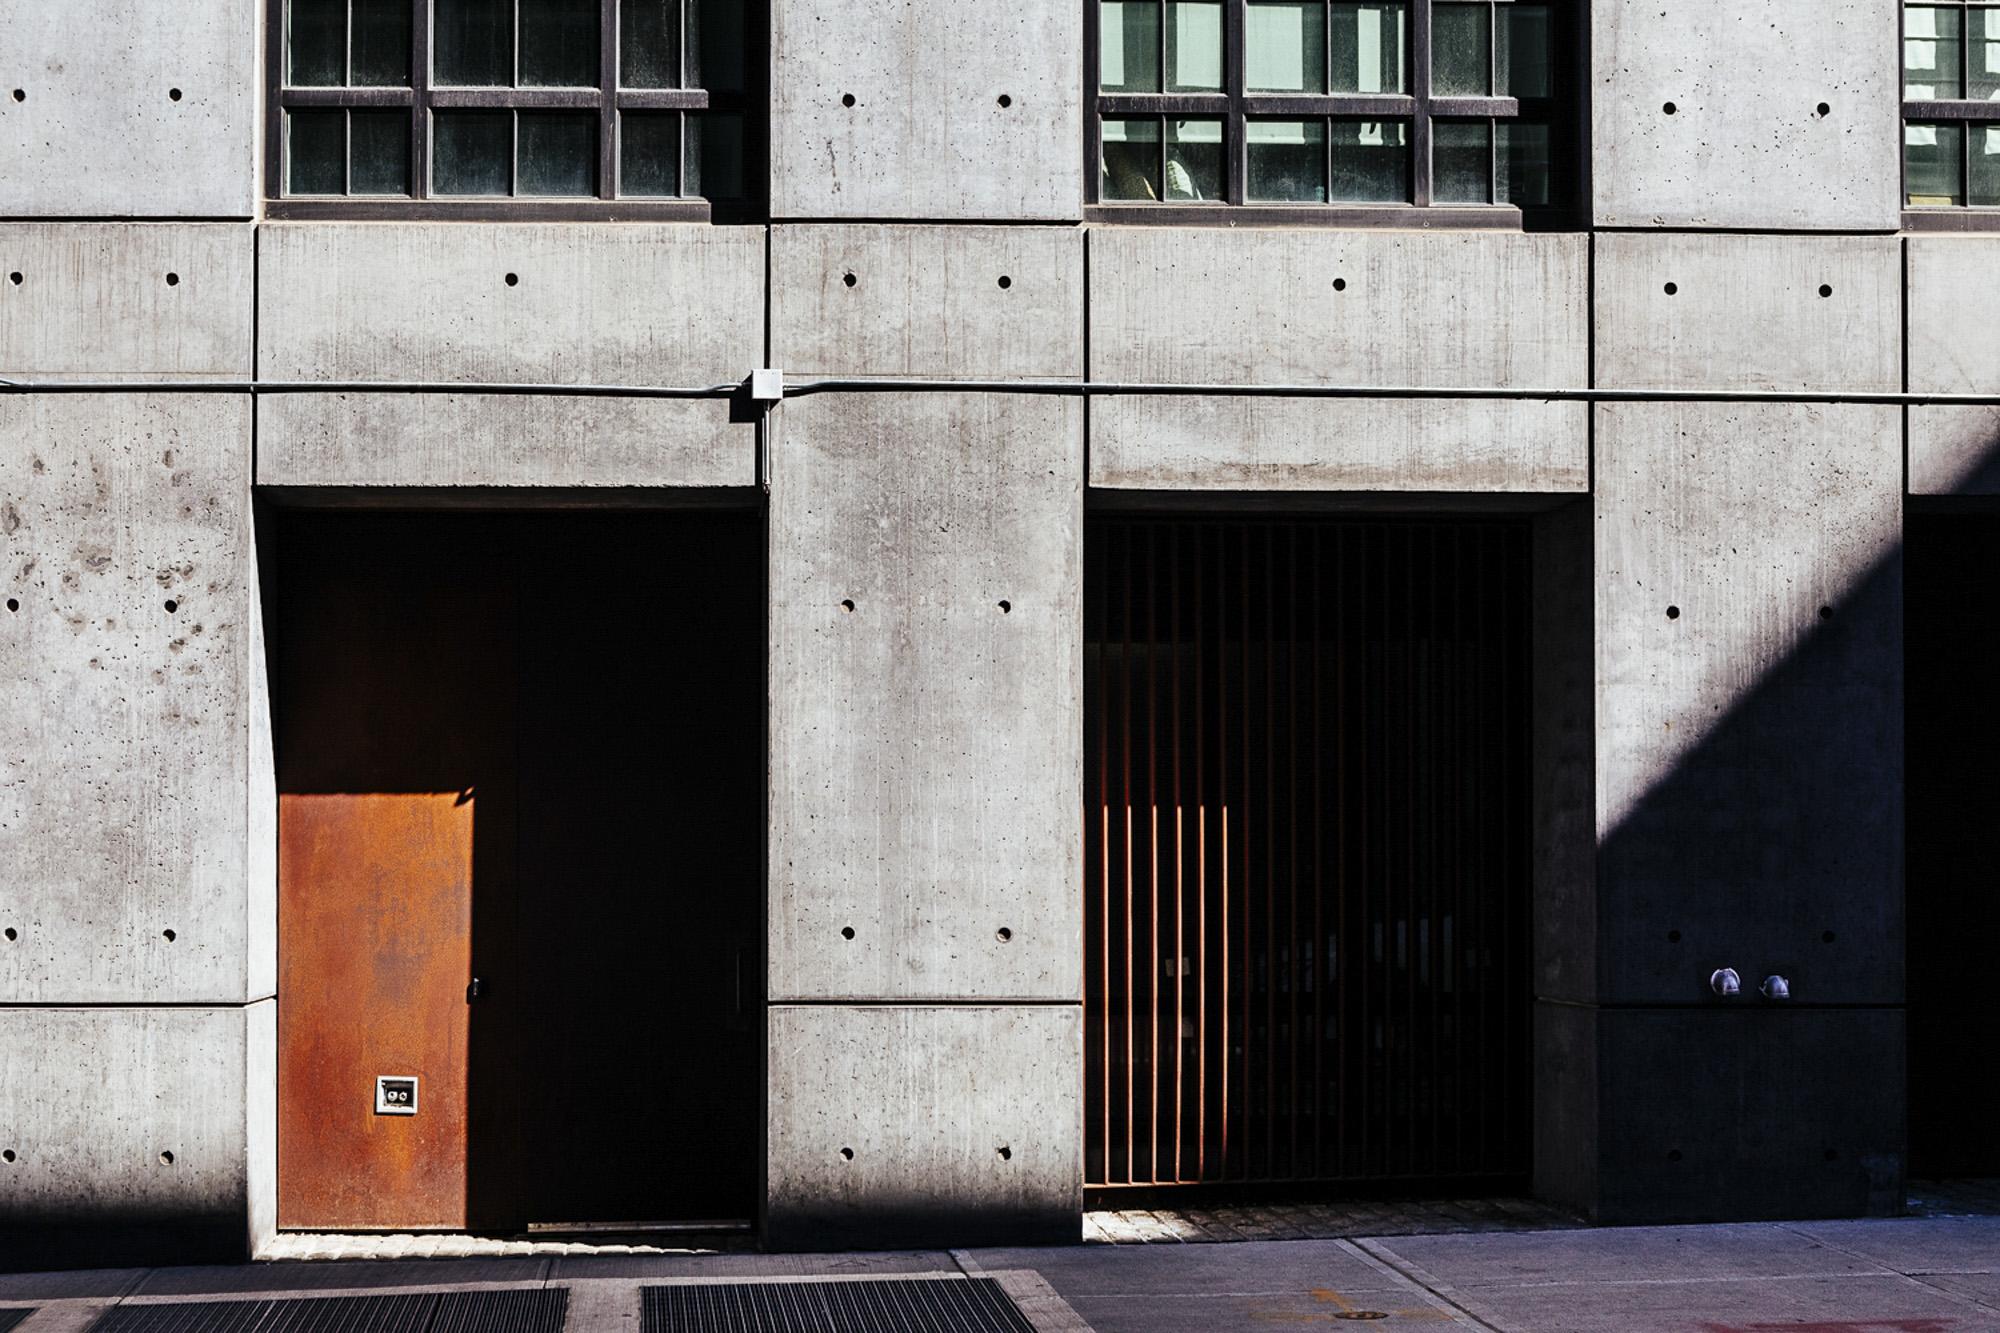 kyrani-kanavaros-new-york-photography-29.jpg